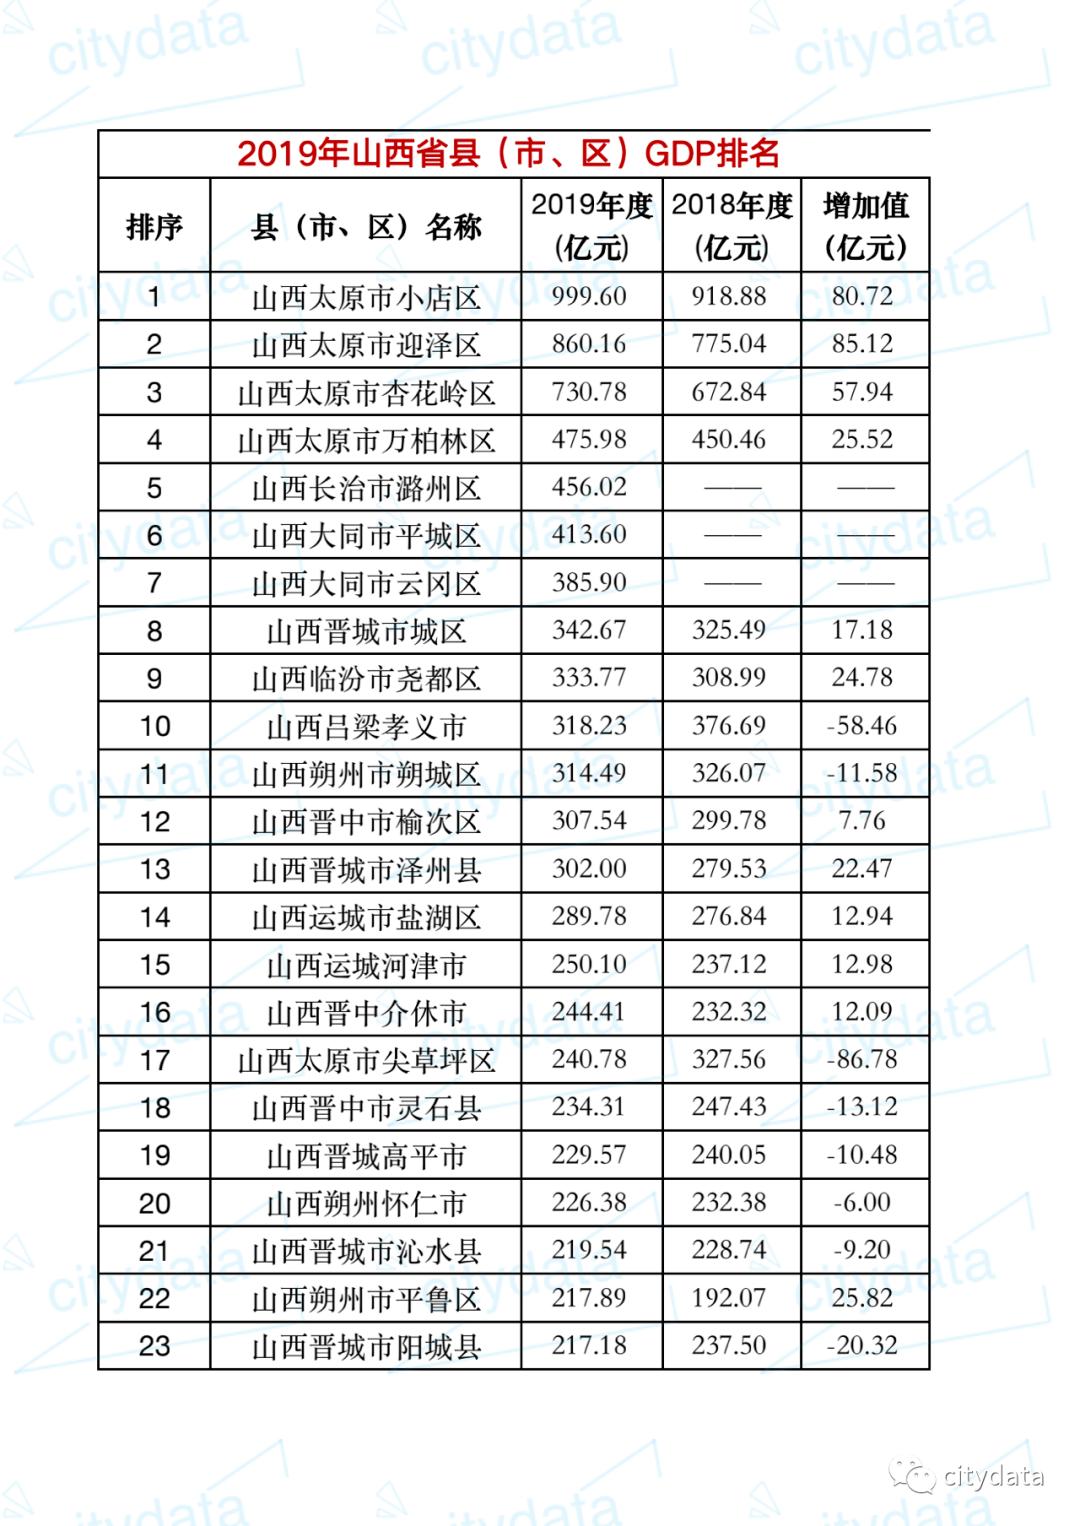 孝义gdp_2019年山西省县市区GDP排名太原小店区全省第一孝义第十